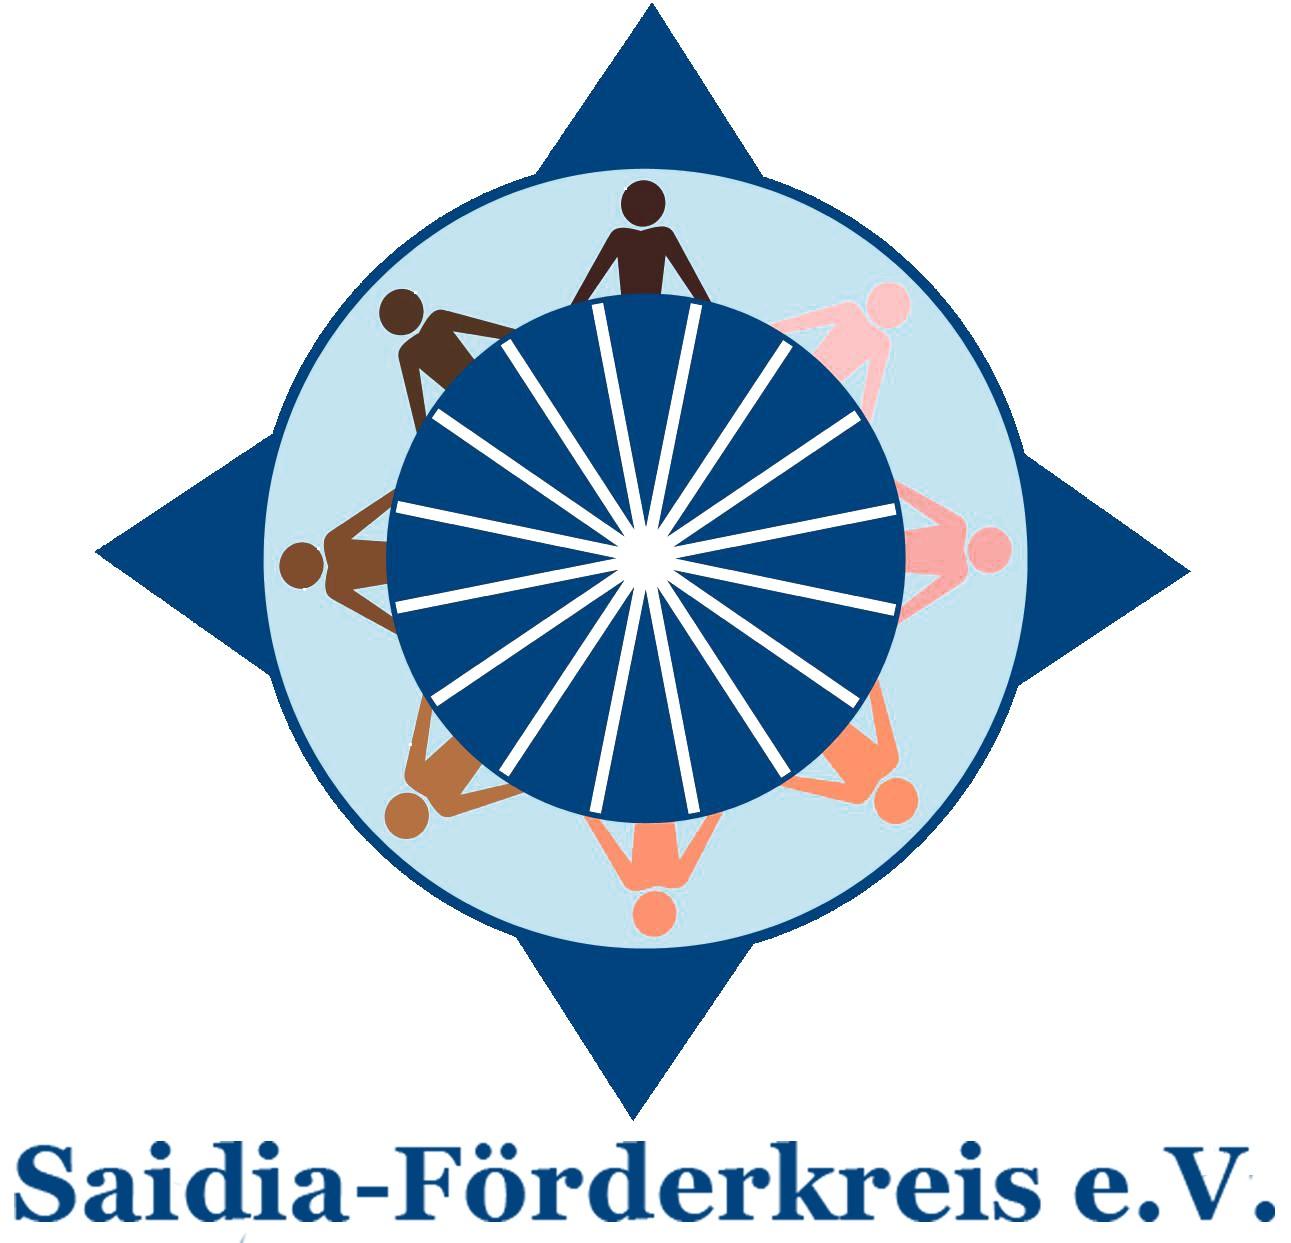 Saidia-Förderkreis e.V